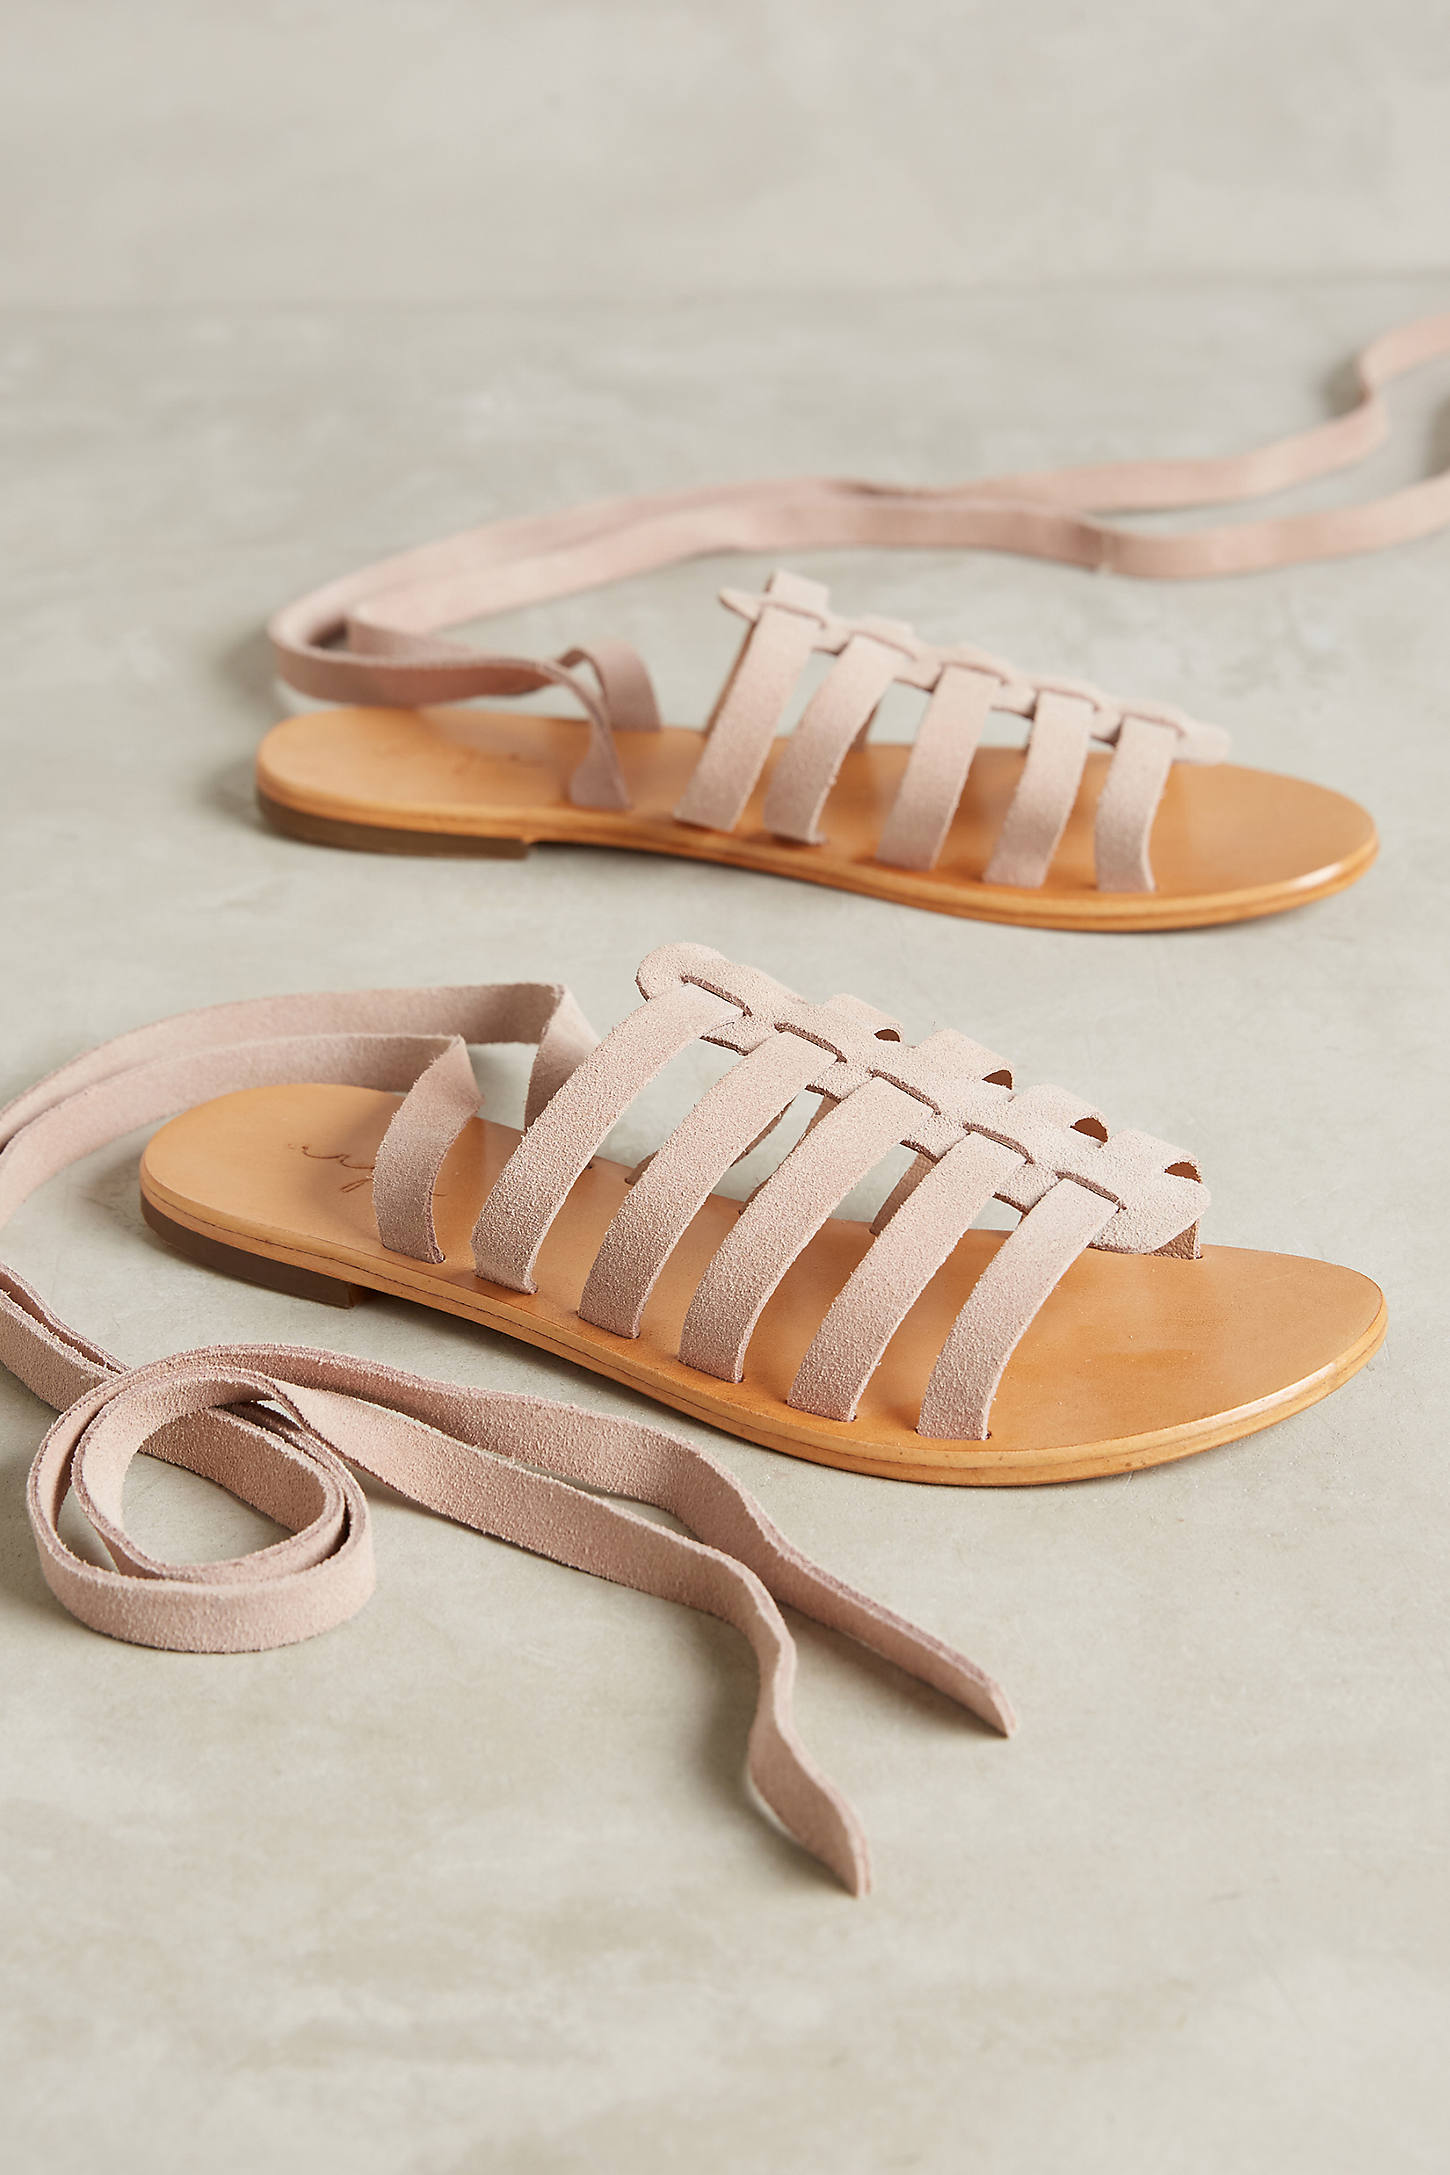 Urge Cairo Gladiator Sandals